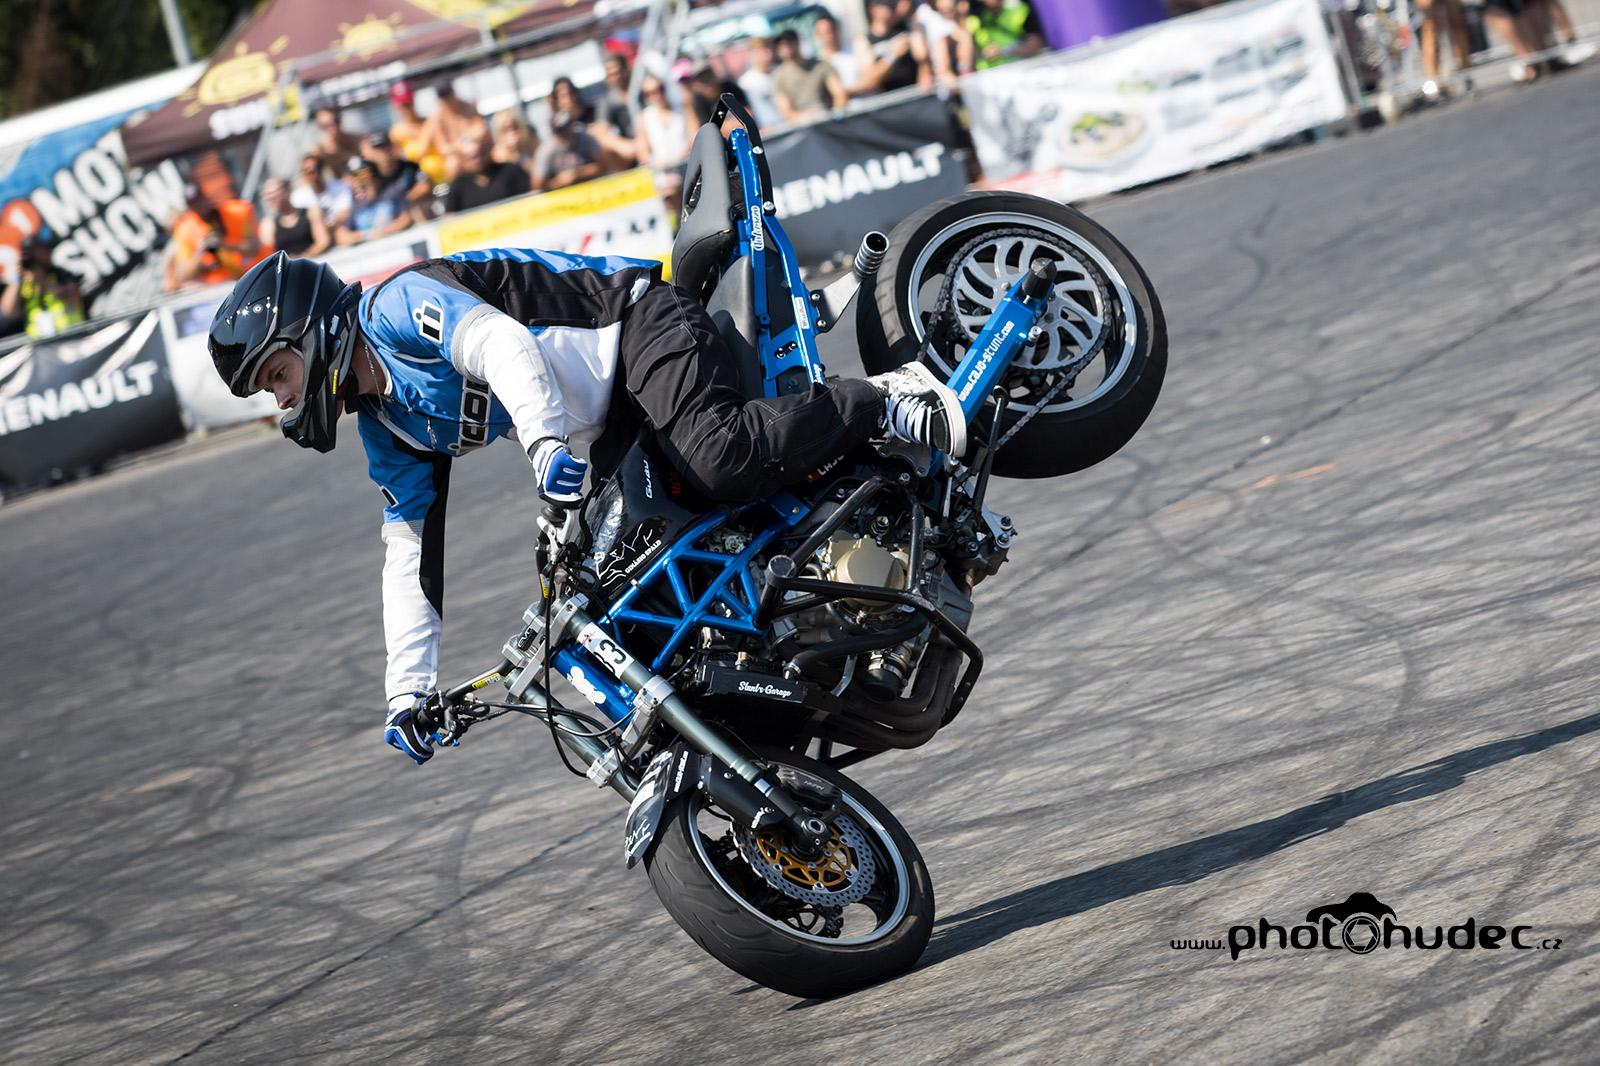 Fotogalerie z W-TEC Czech Stunt Day 2018